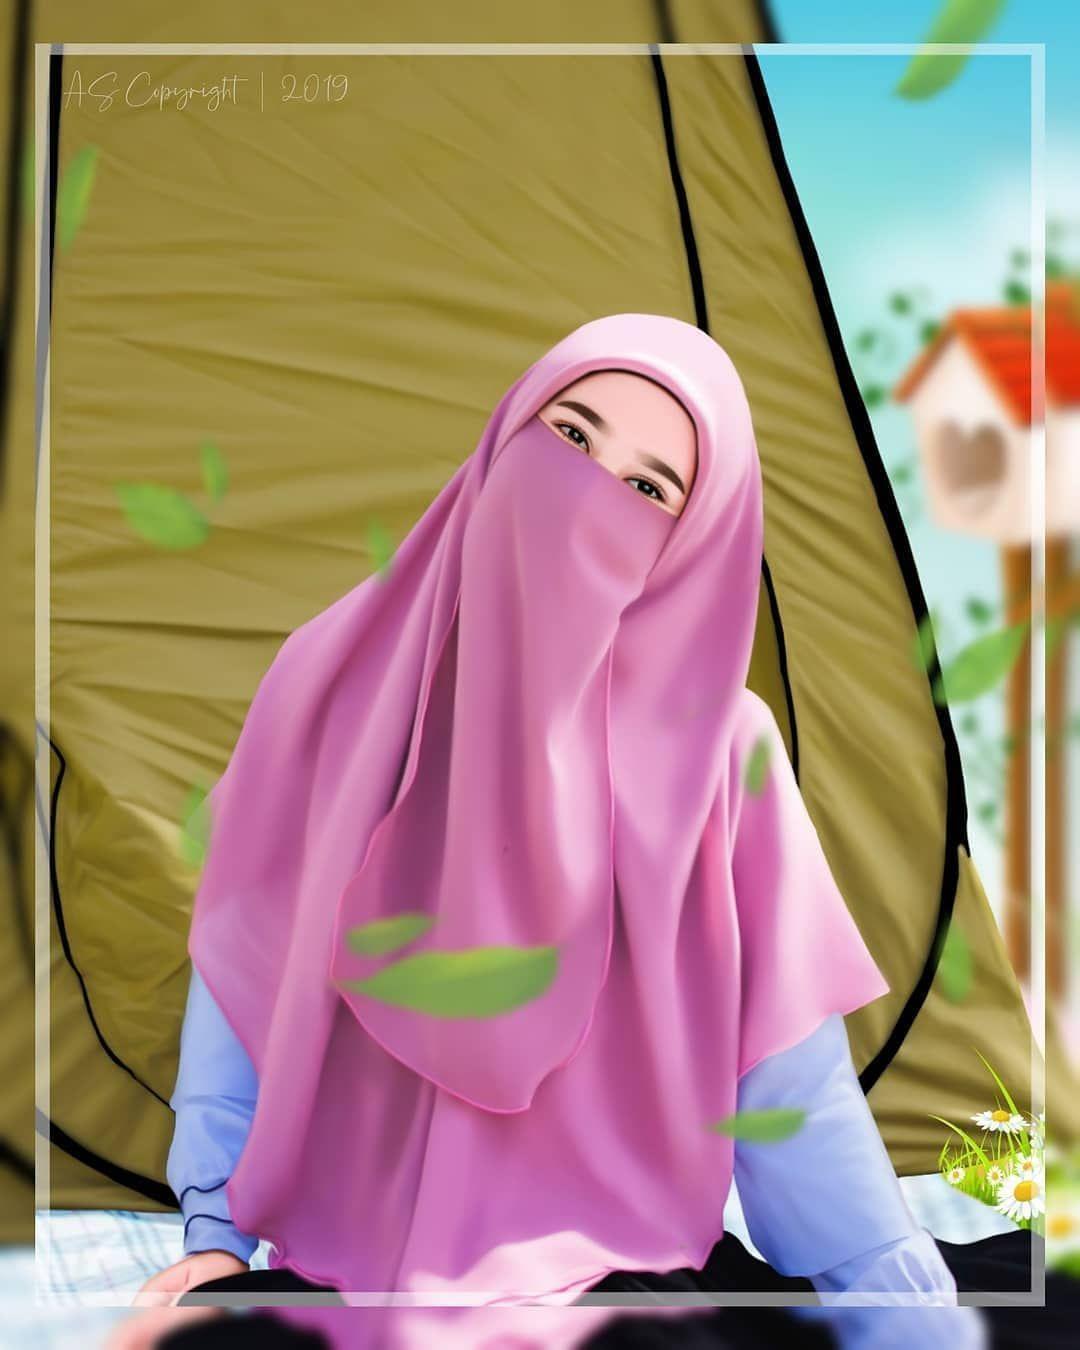 Koleksi mewarnakan gambar muslim dan muslimah azhan co. kartun muslimah 5 orang   Kartun hijab, Kartun, Gambar